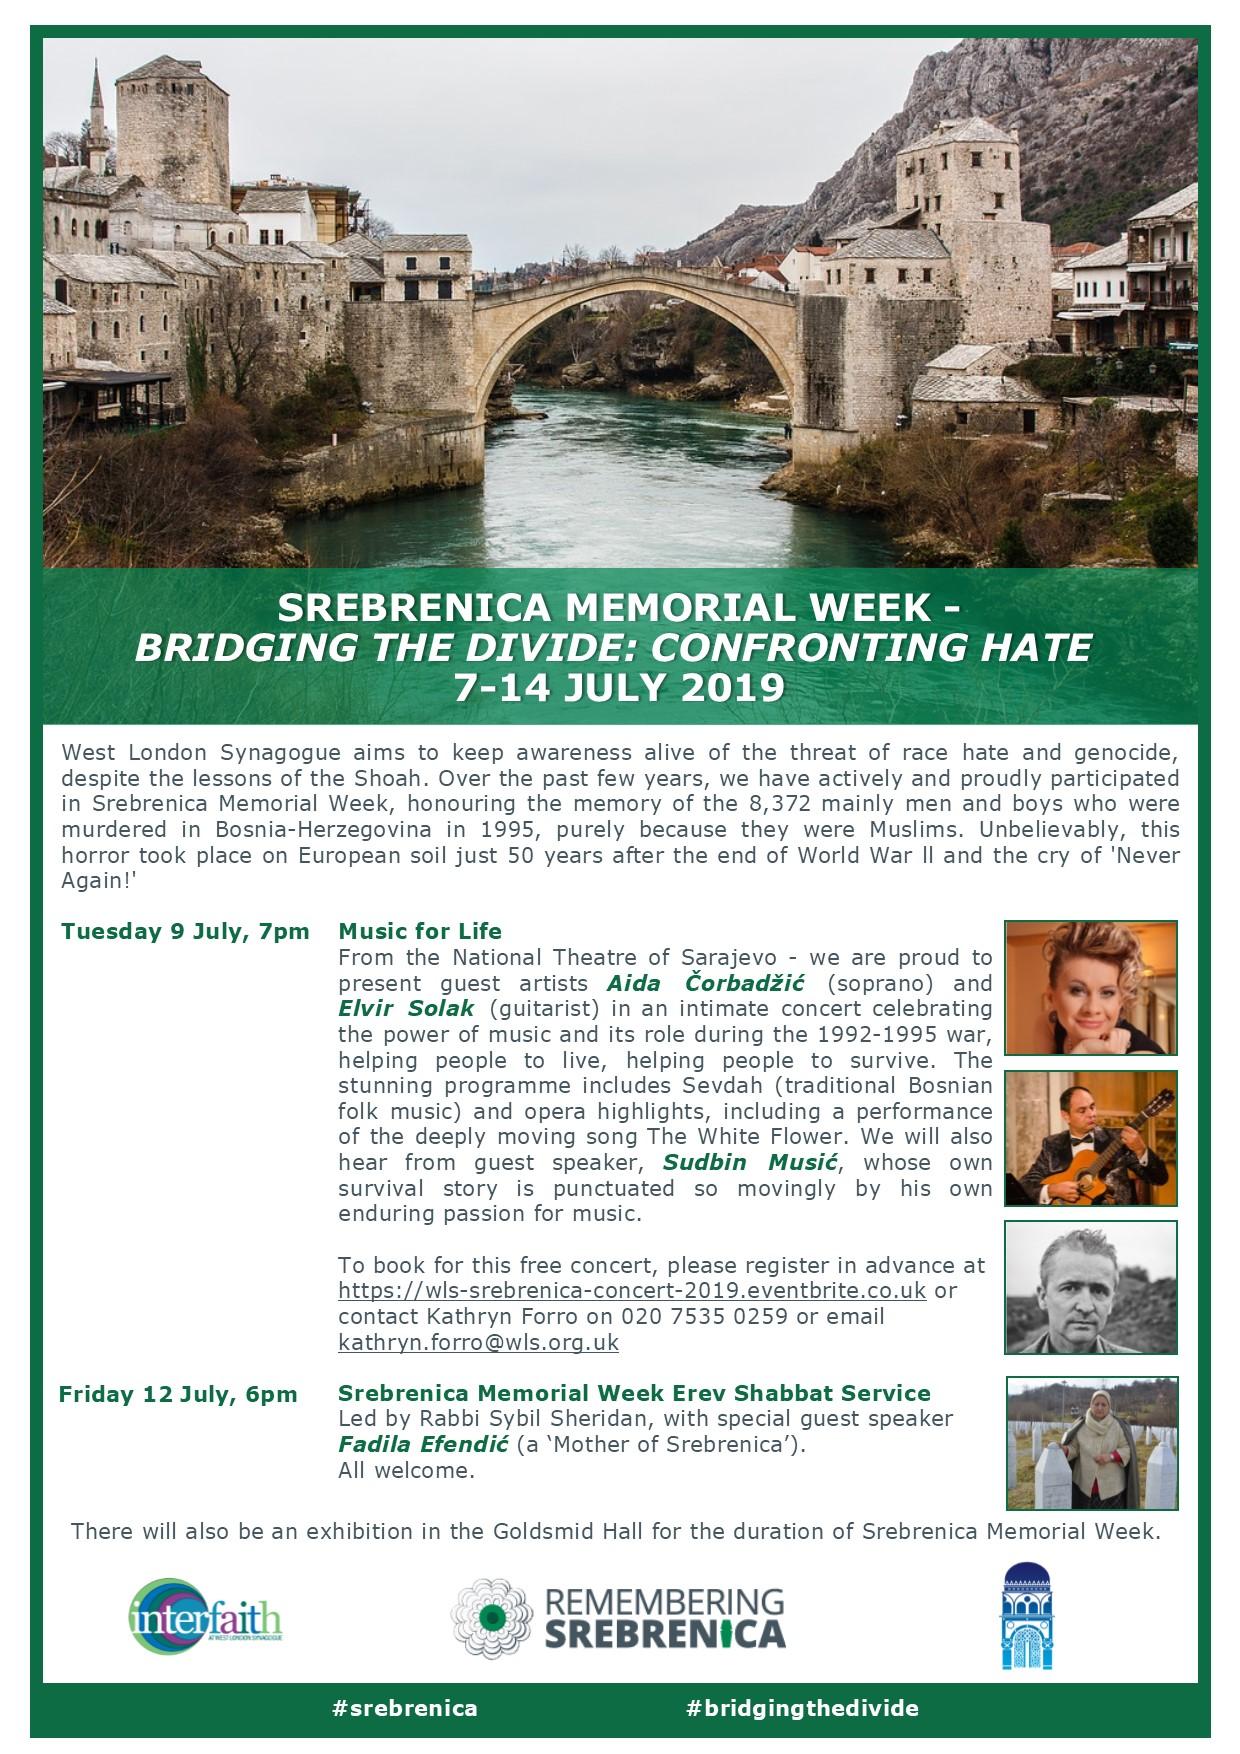 West London Synagogue Srebrenica concert